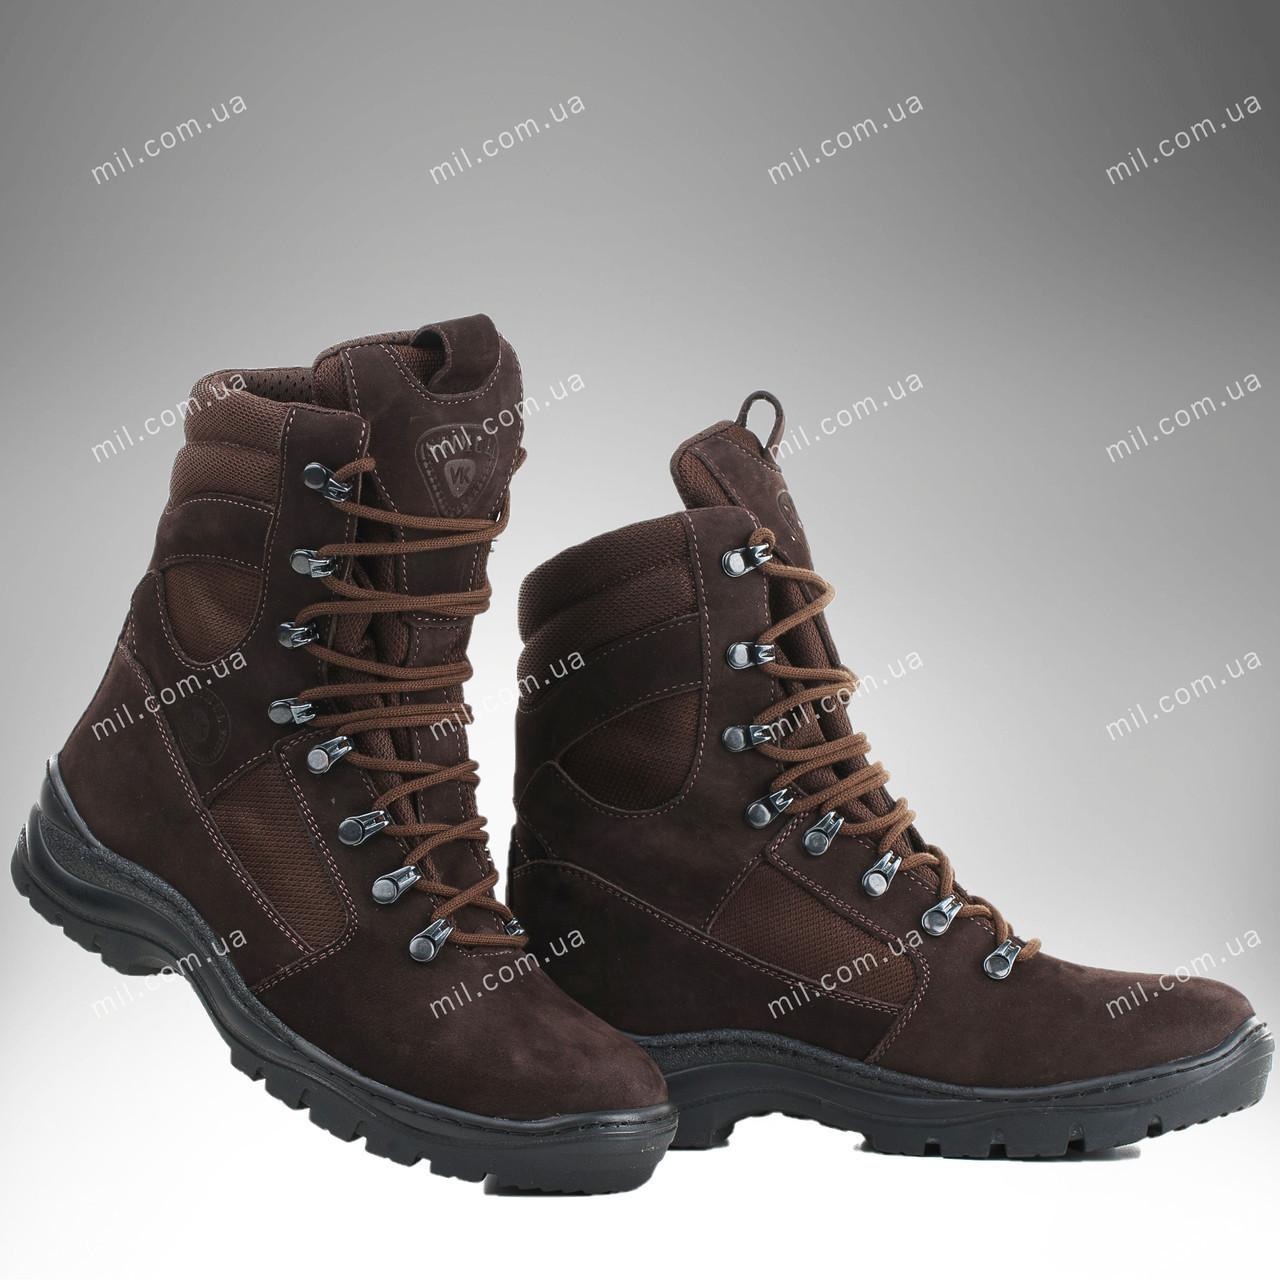 ⭐⭐Берцы демисезонные / военная, тактическая обувь GROZA (шоколад) | берцы, берці, берци, военная обувь,